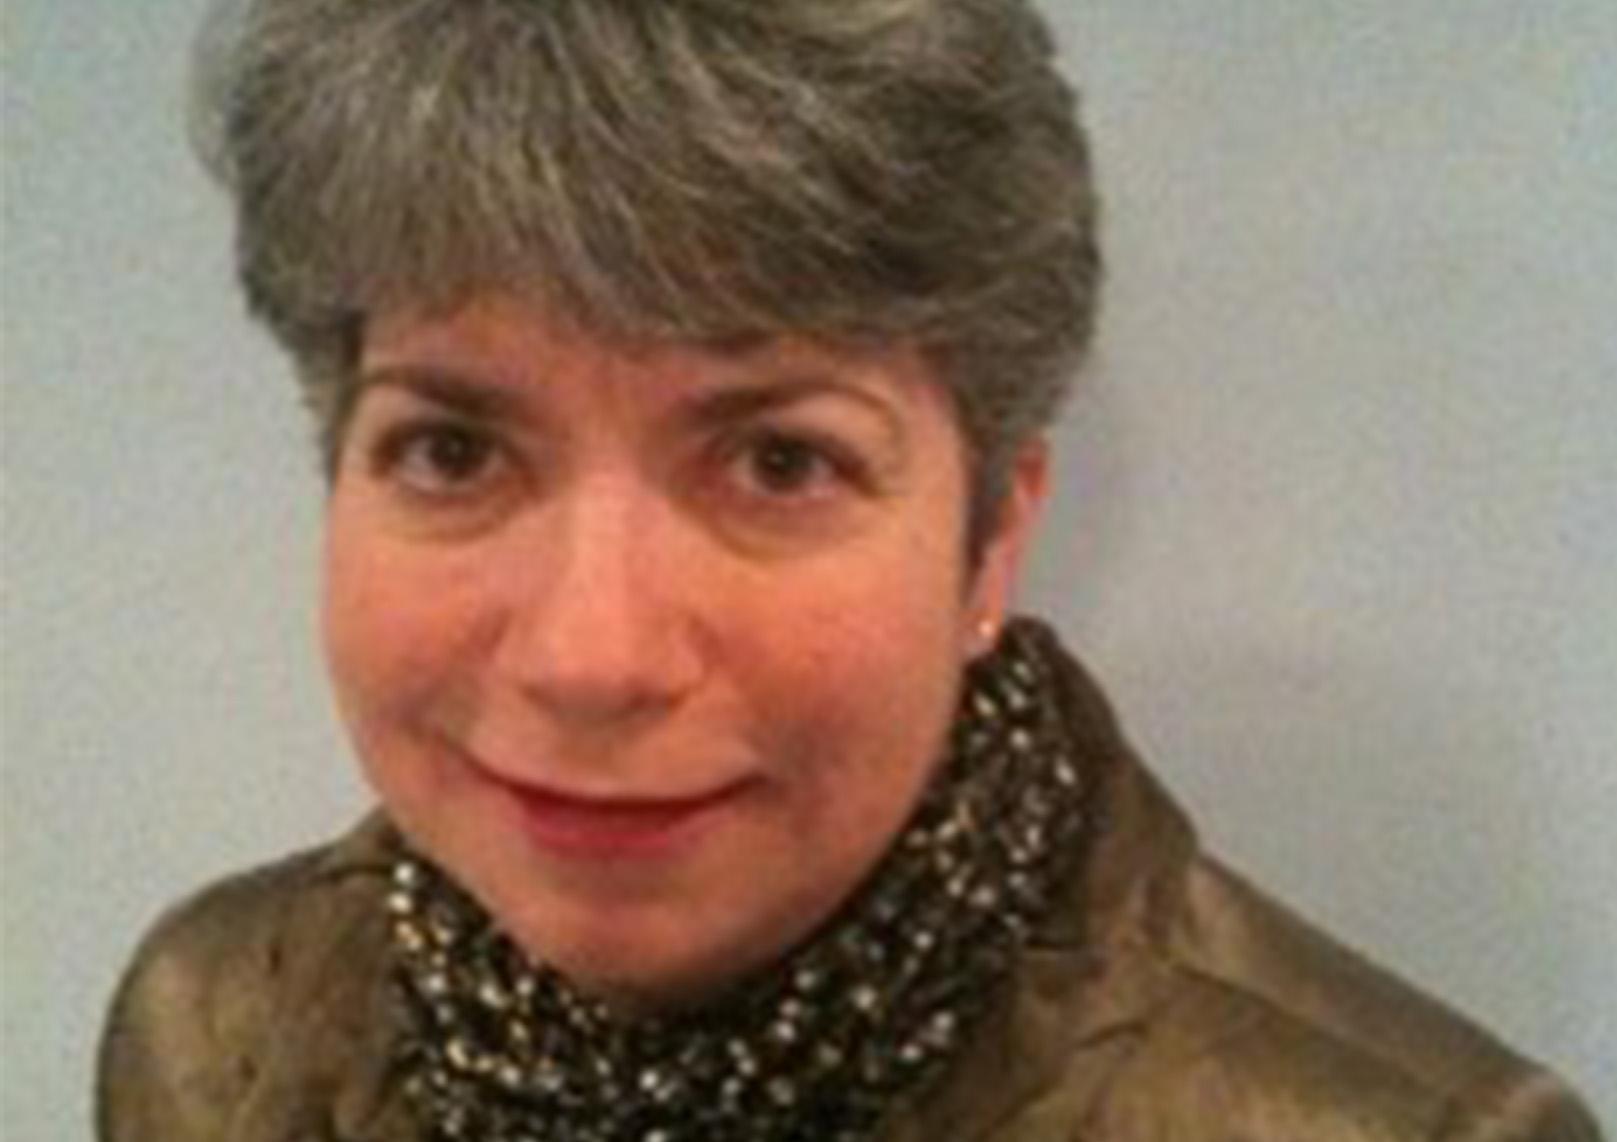 A photo of Sue Schneider